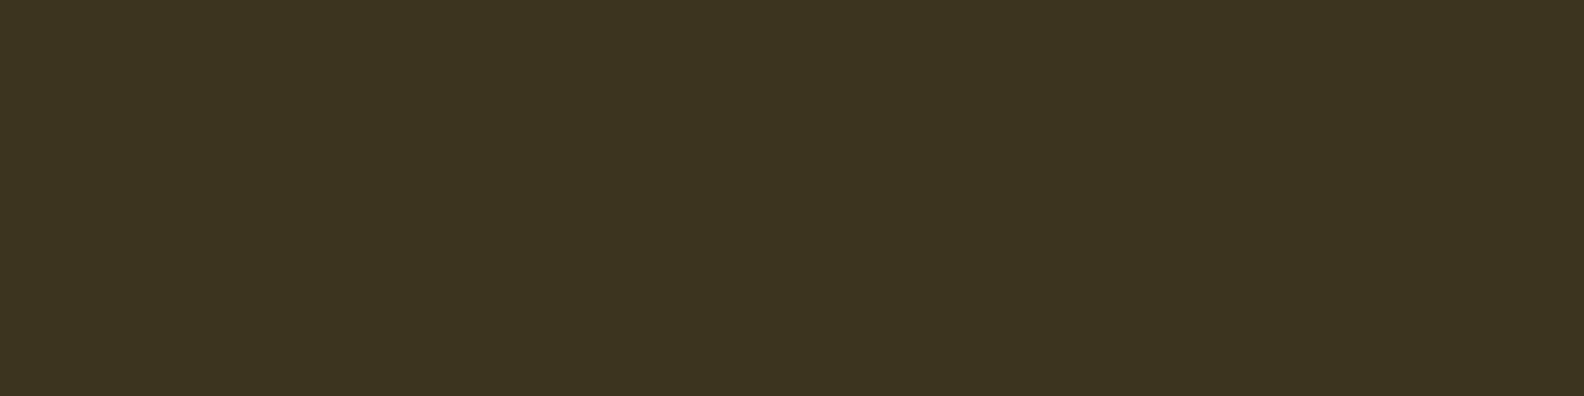 1584x396 Olive Drab Number Seven Solid Color Background